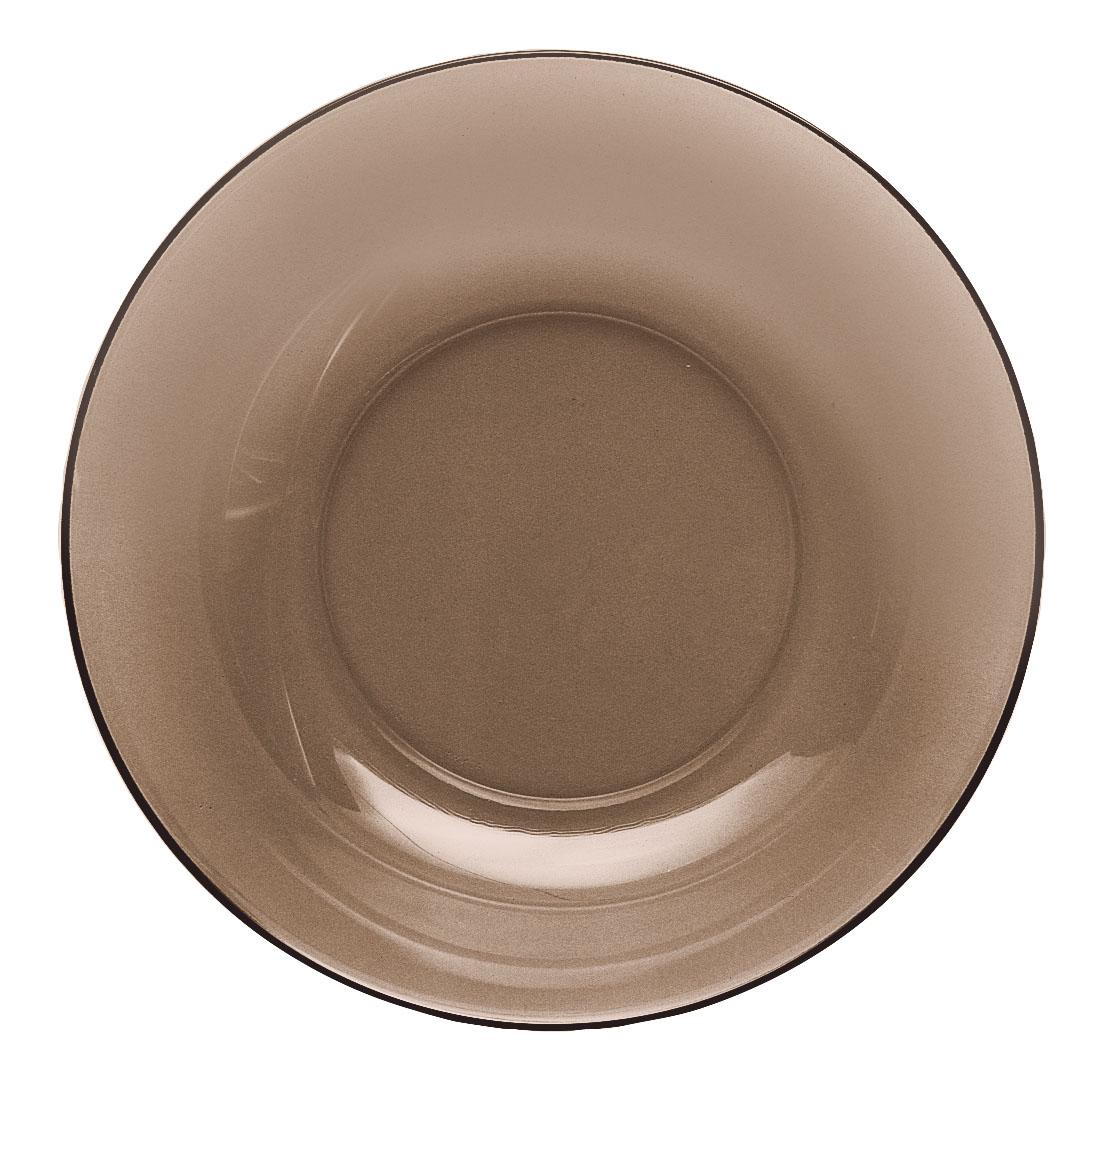 Тарелка глубокая Luminarc Directoire Eclipse, диаметр 20 смH0090Глубокая тарелка Luminarc Directoire Eclipse выполнена из ударопрочного стекла. Она прекрасно впишется в интерьер вашей кухни и станет достойным дополнением к кухонному инвентарю. Тарелка Luminarc Directoire Eclipse подчеркнет прекрасный вкус хозяйки и станет отличным подарком. Можно использовать в микроволновой печи и мыть в посудомоечной машине. Диаметр тарелки: 20 см.